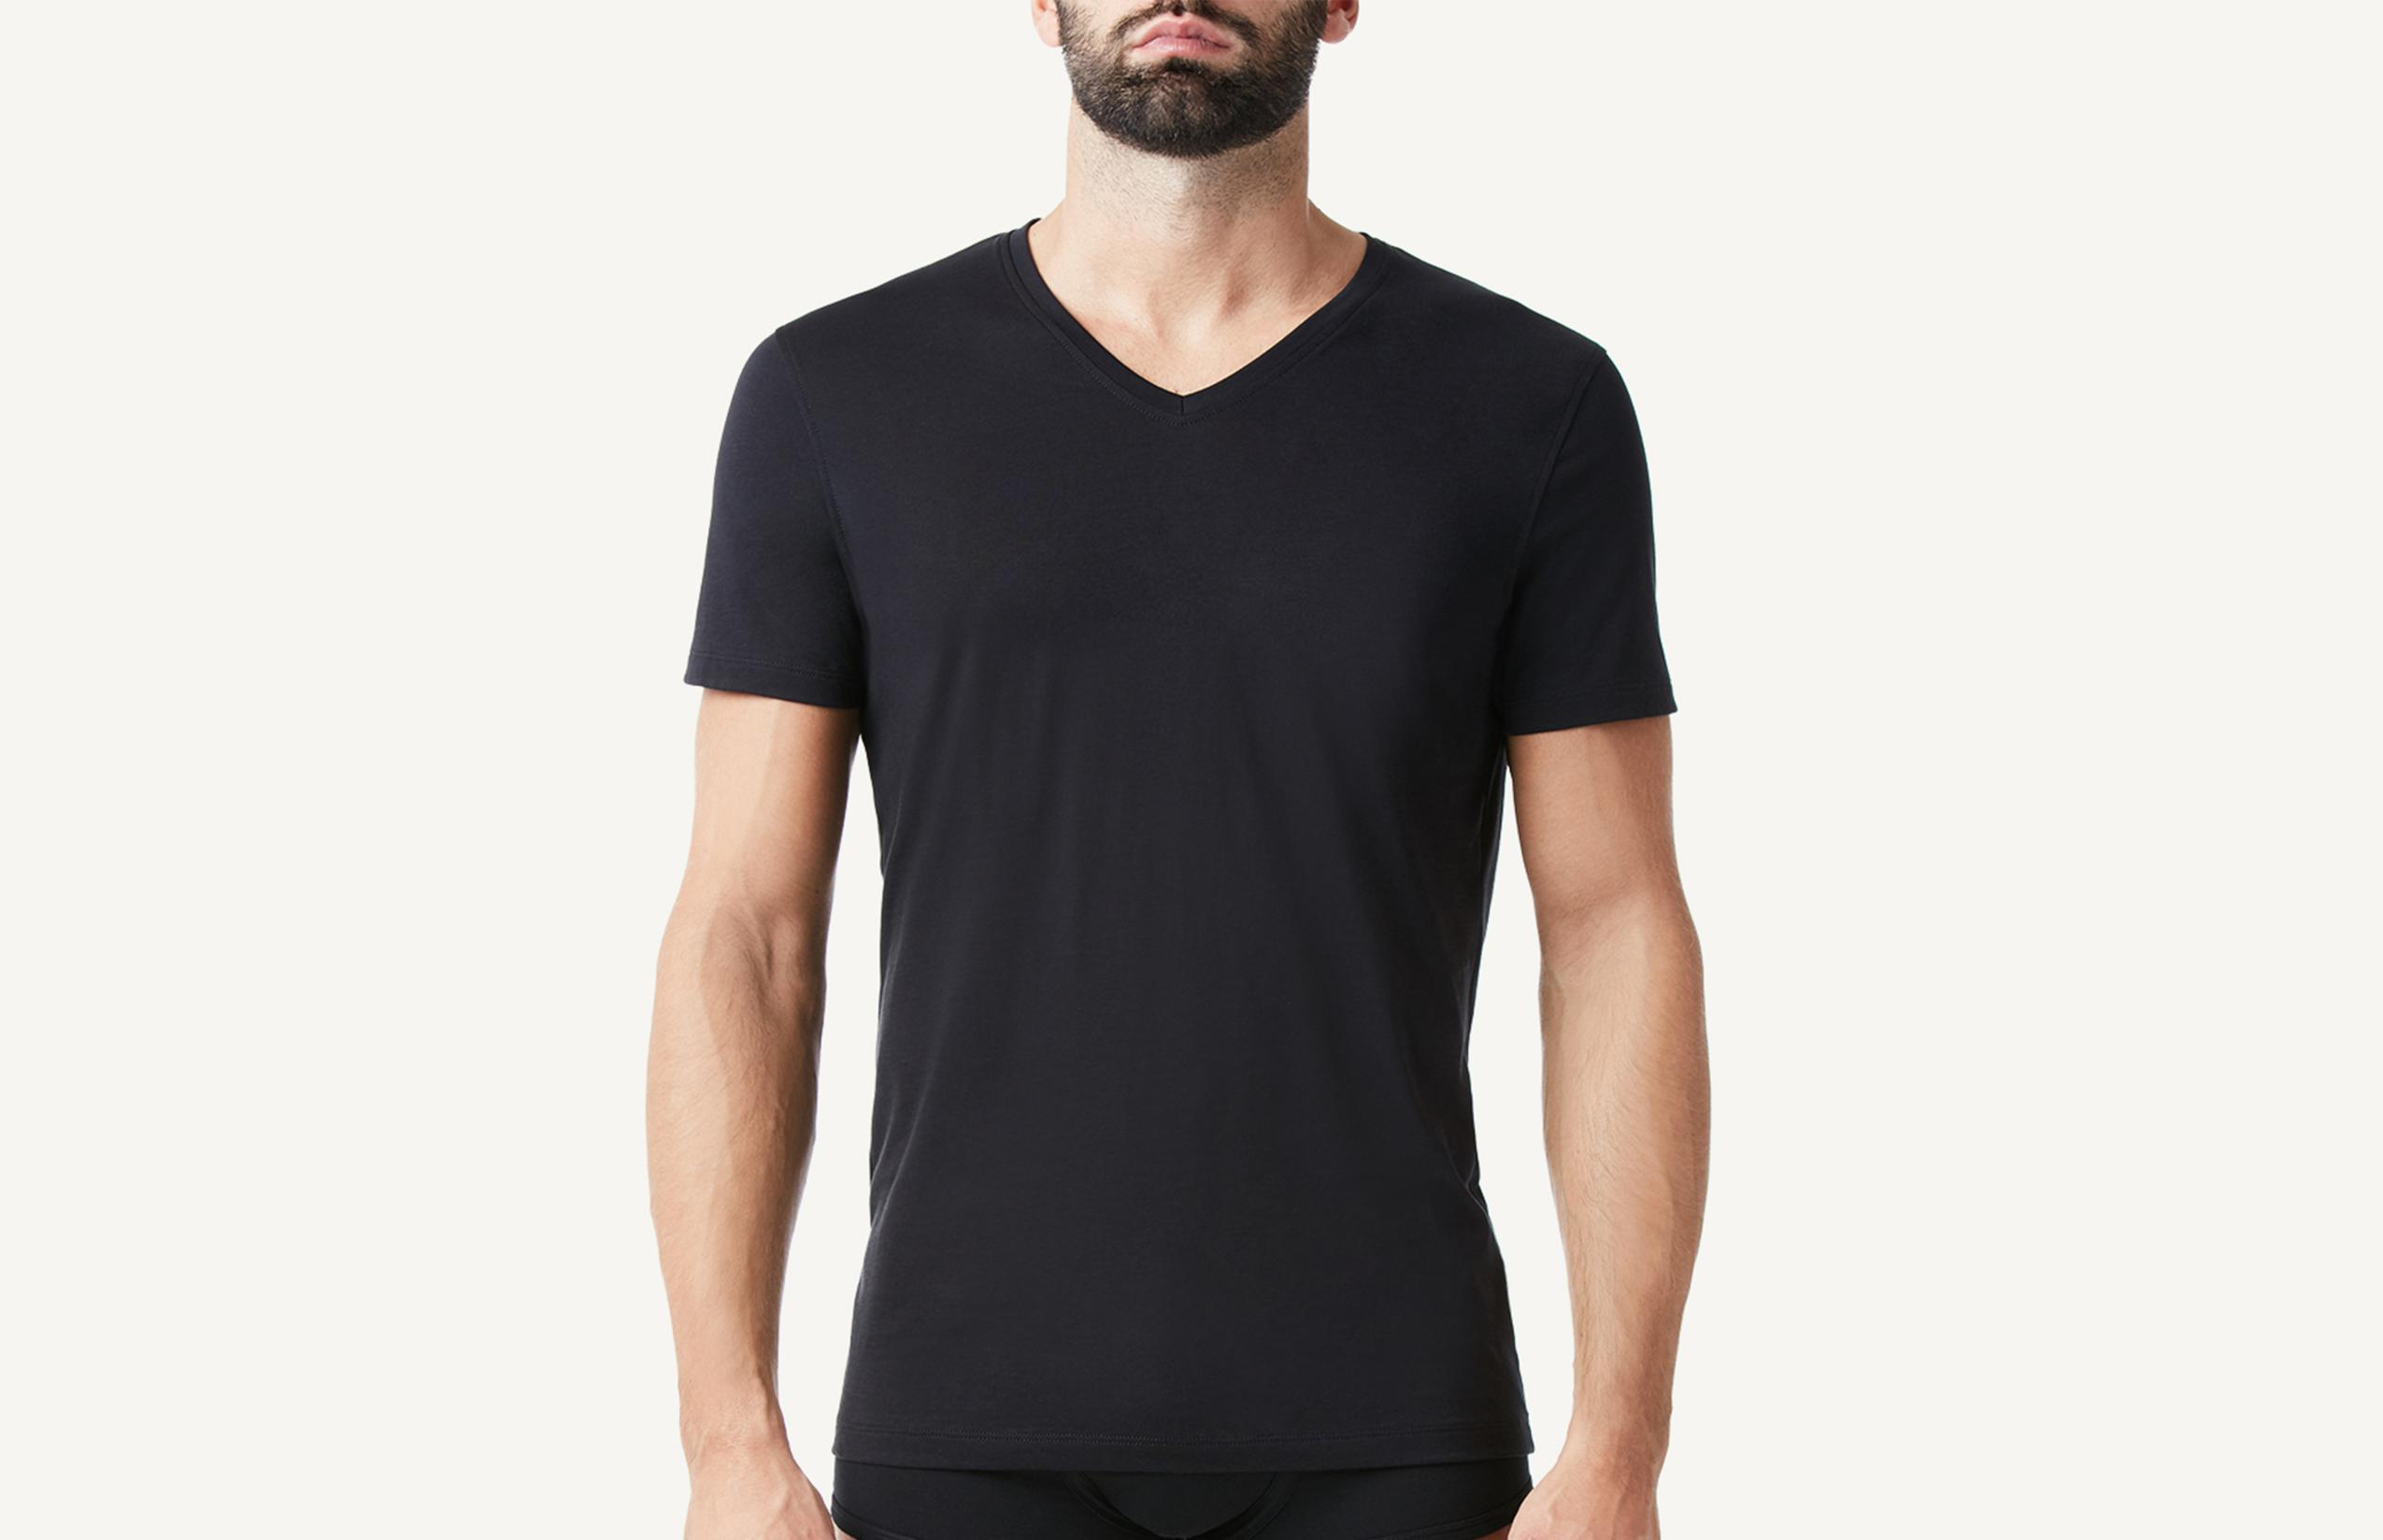 intimissimi - Kurzarm-T-Shirt mit V-Ausschnitt aus Supima®-Baumwolle Extrafein